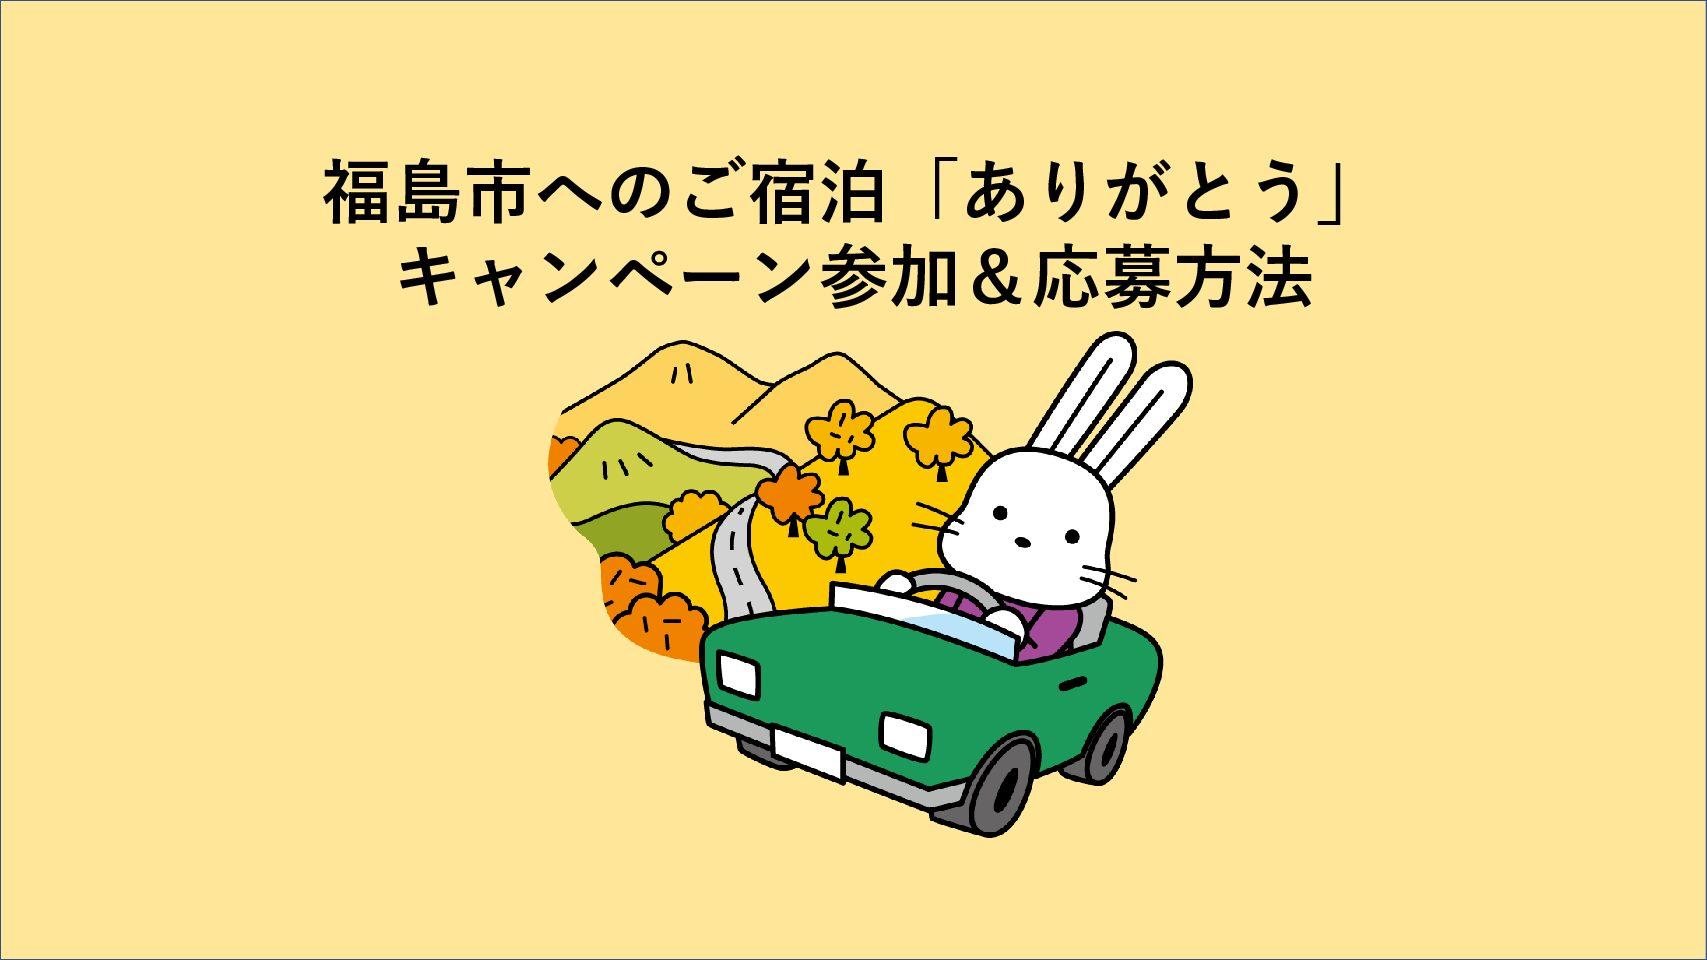 参加&応募方法〜福島市への宿泊「ありがとう」キャンペーン